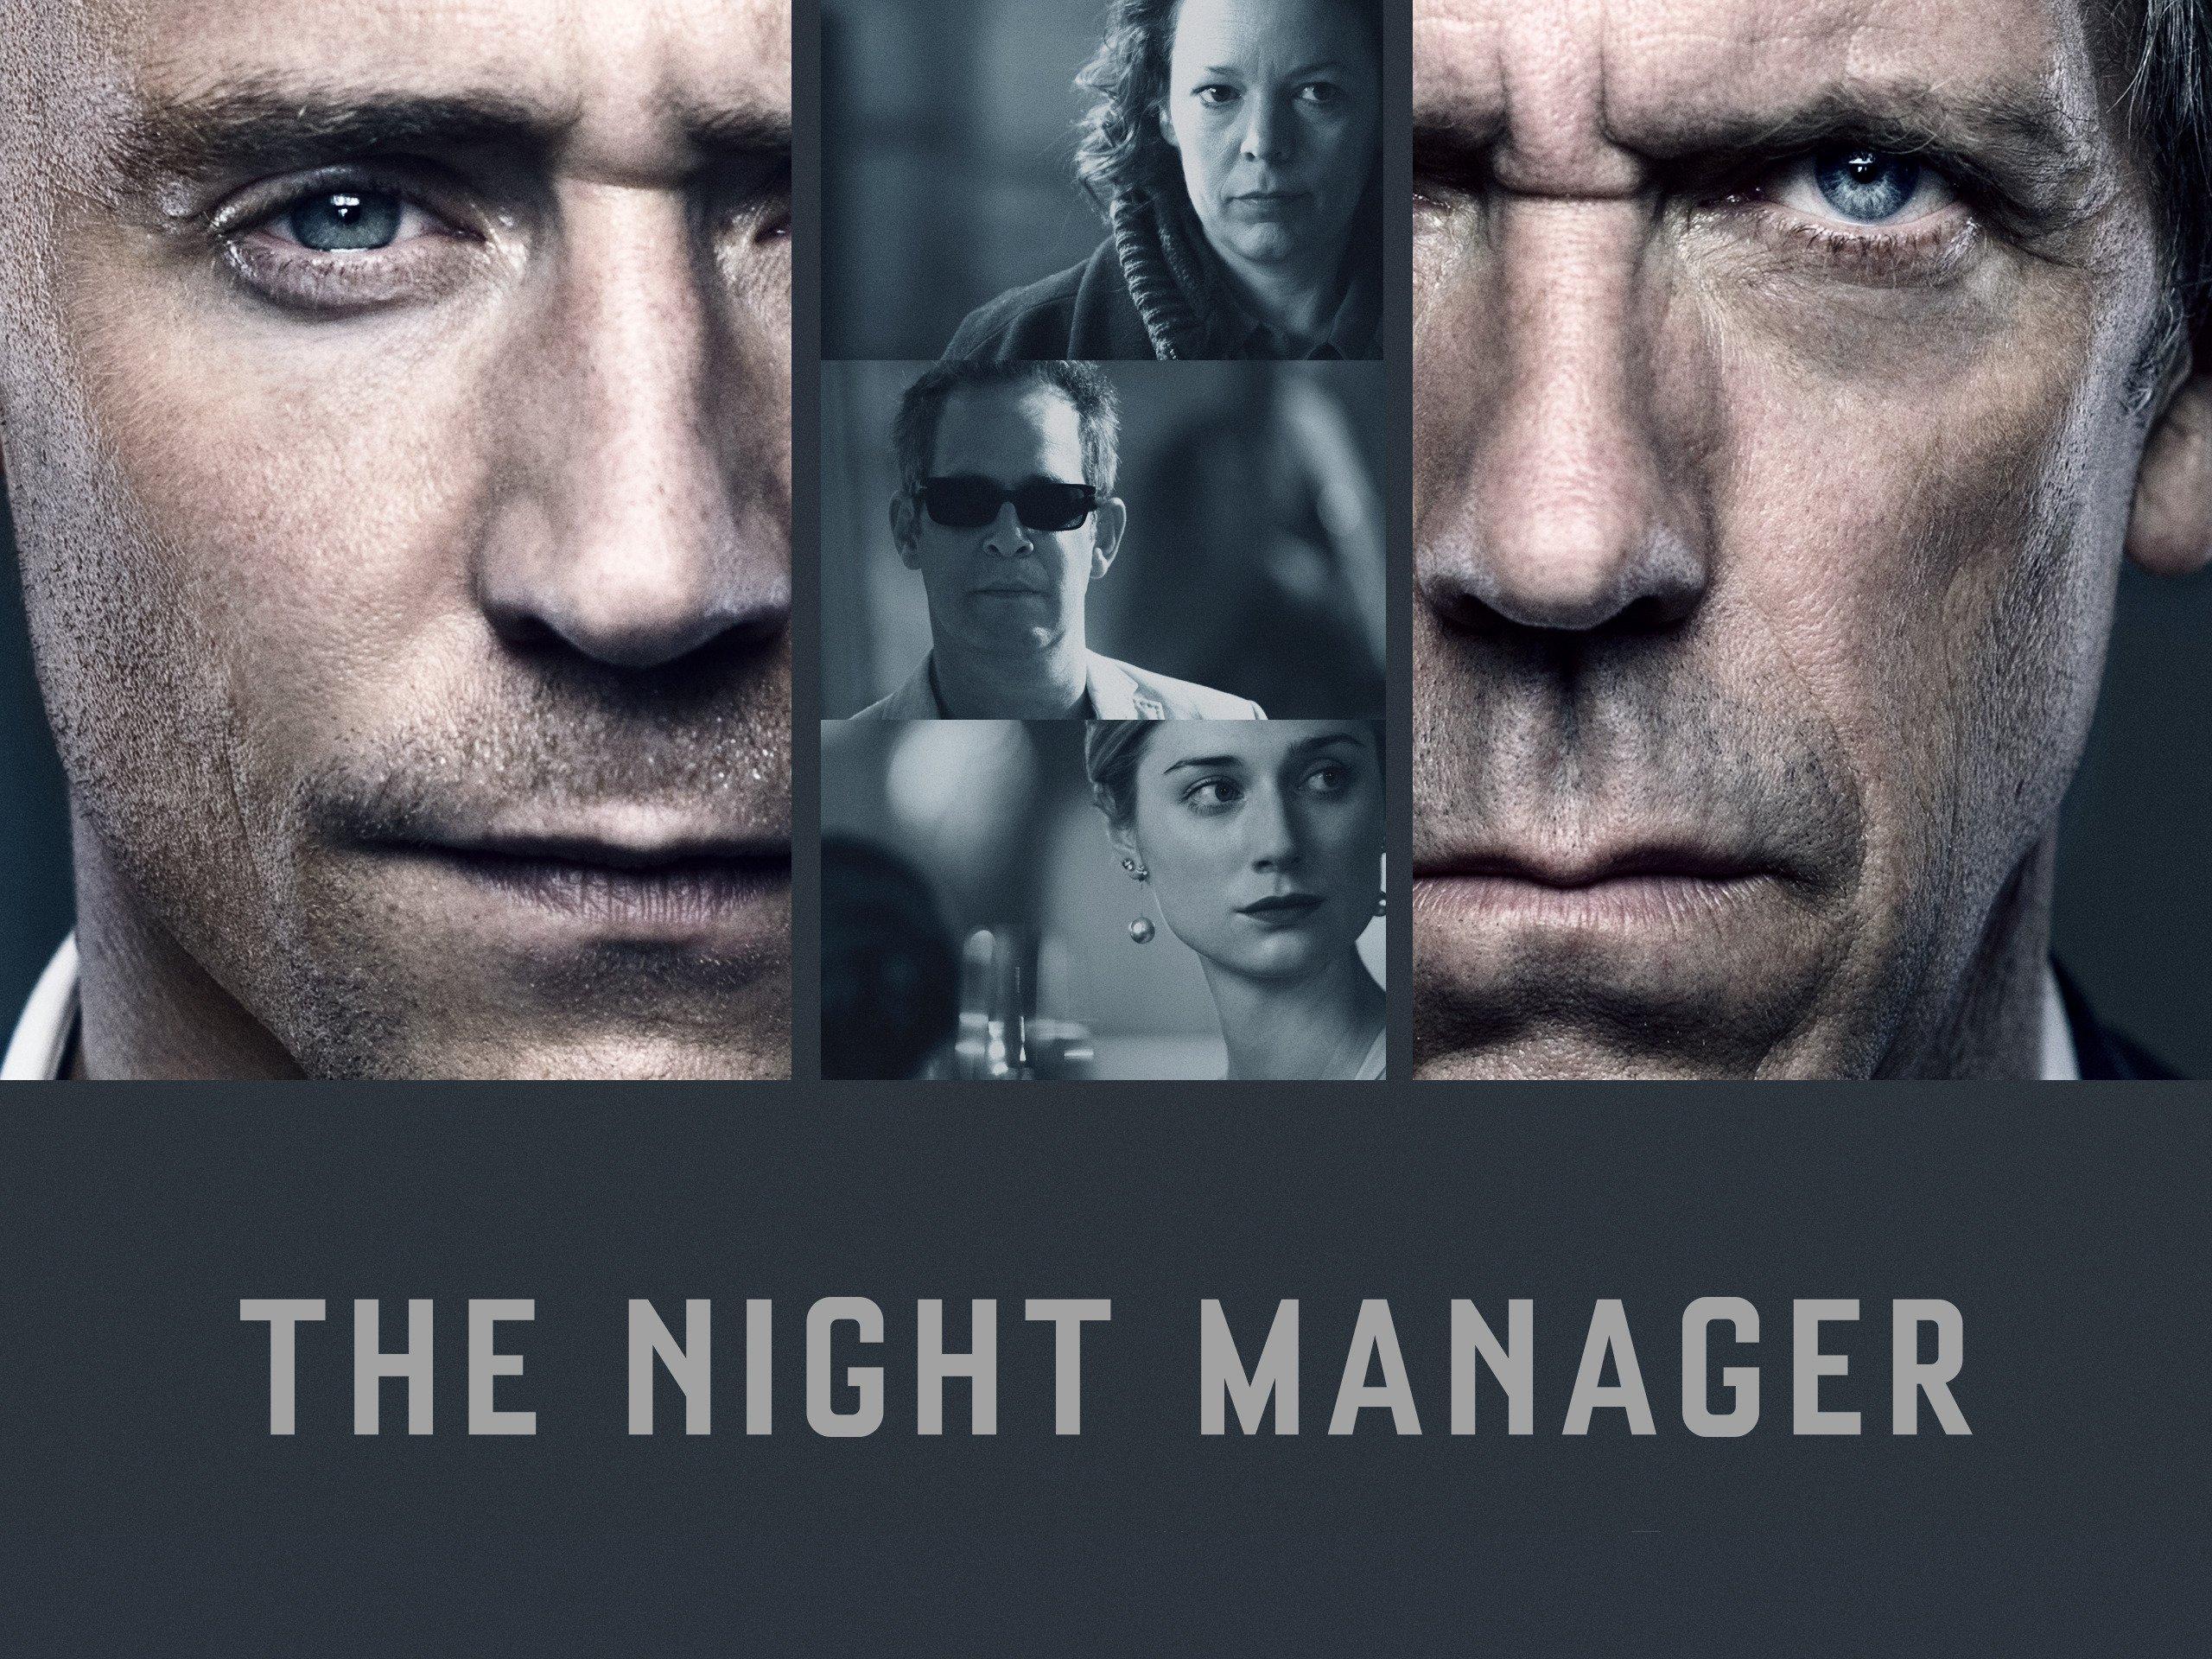 《夜班經理》(The Night Manager)